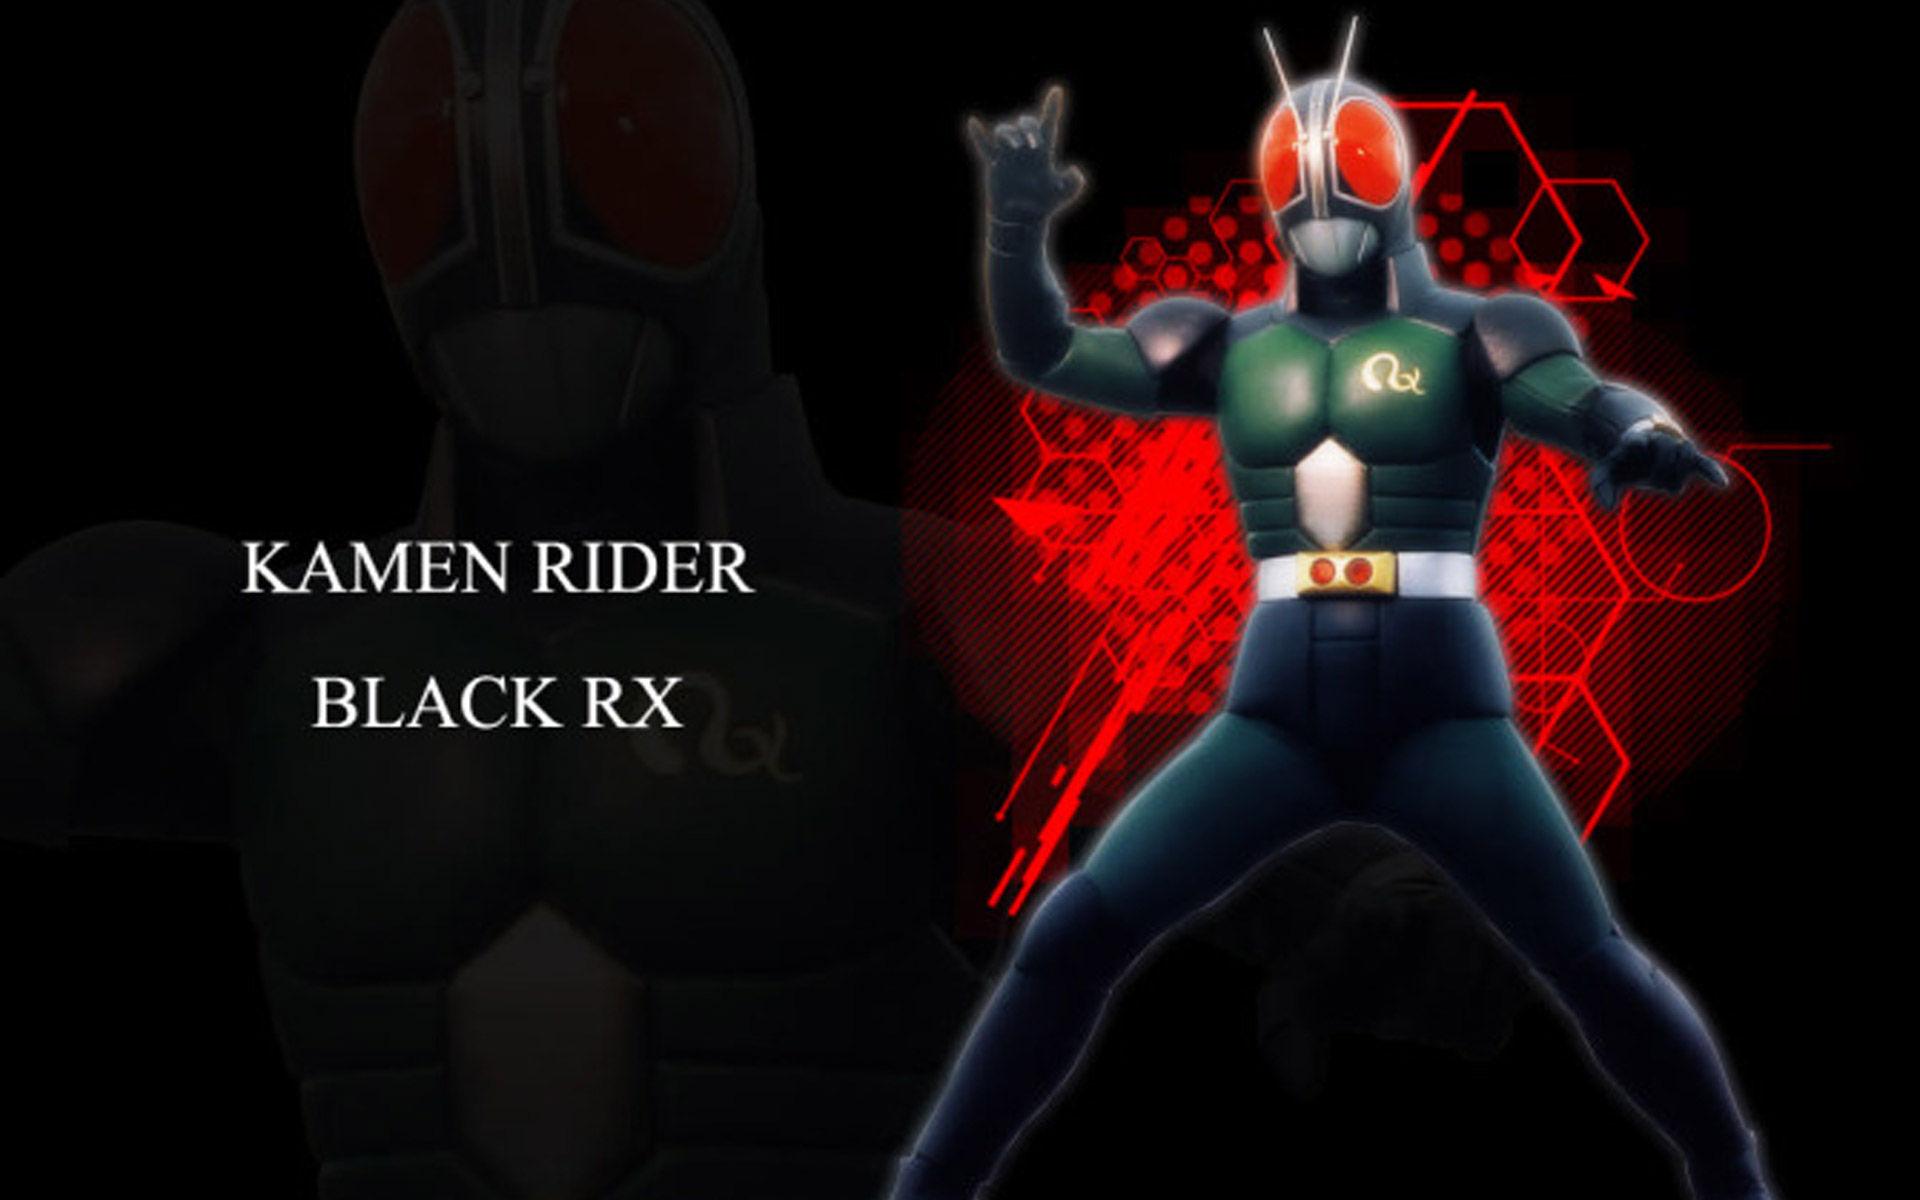 谁有假面骑士biack rx图片图片